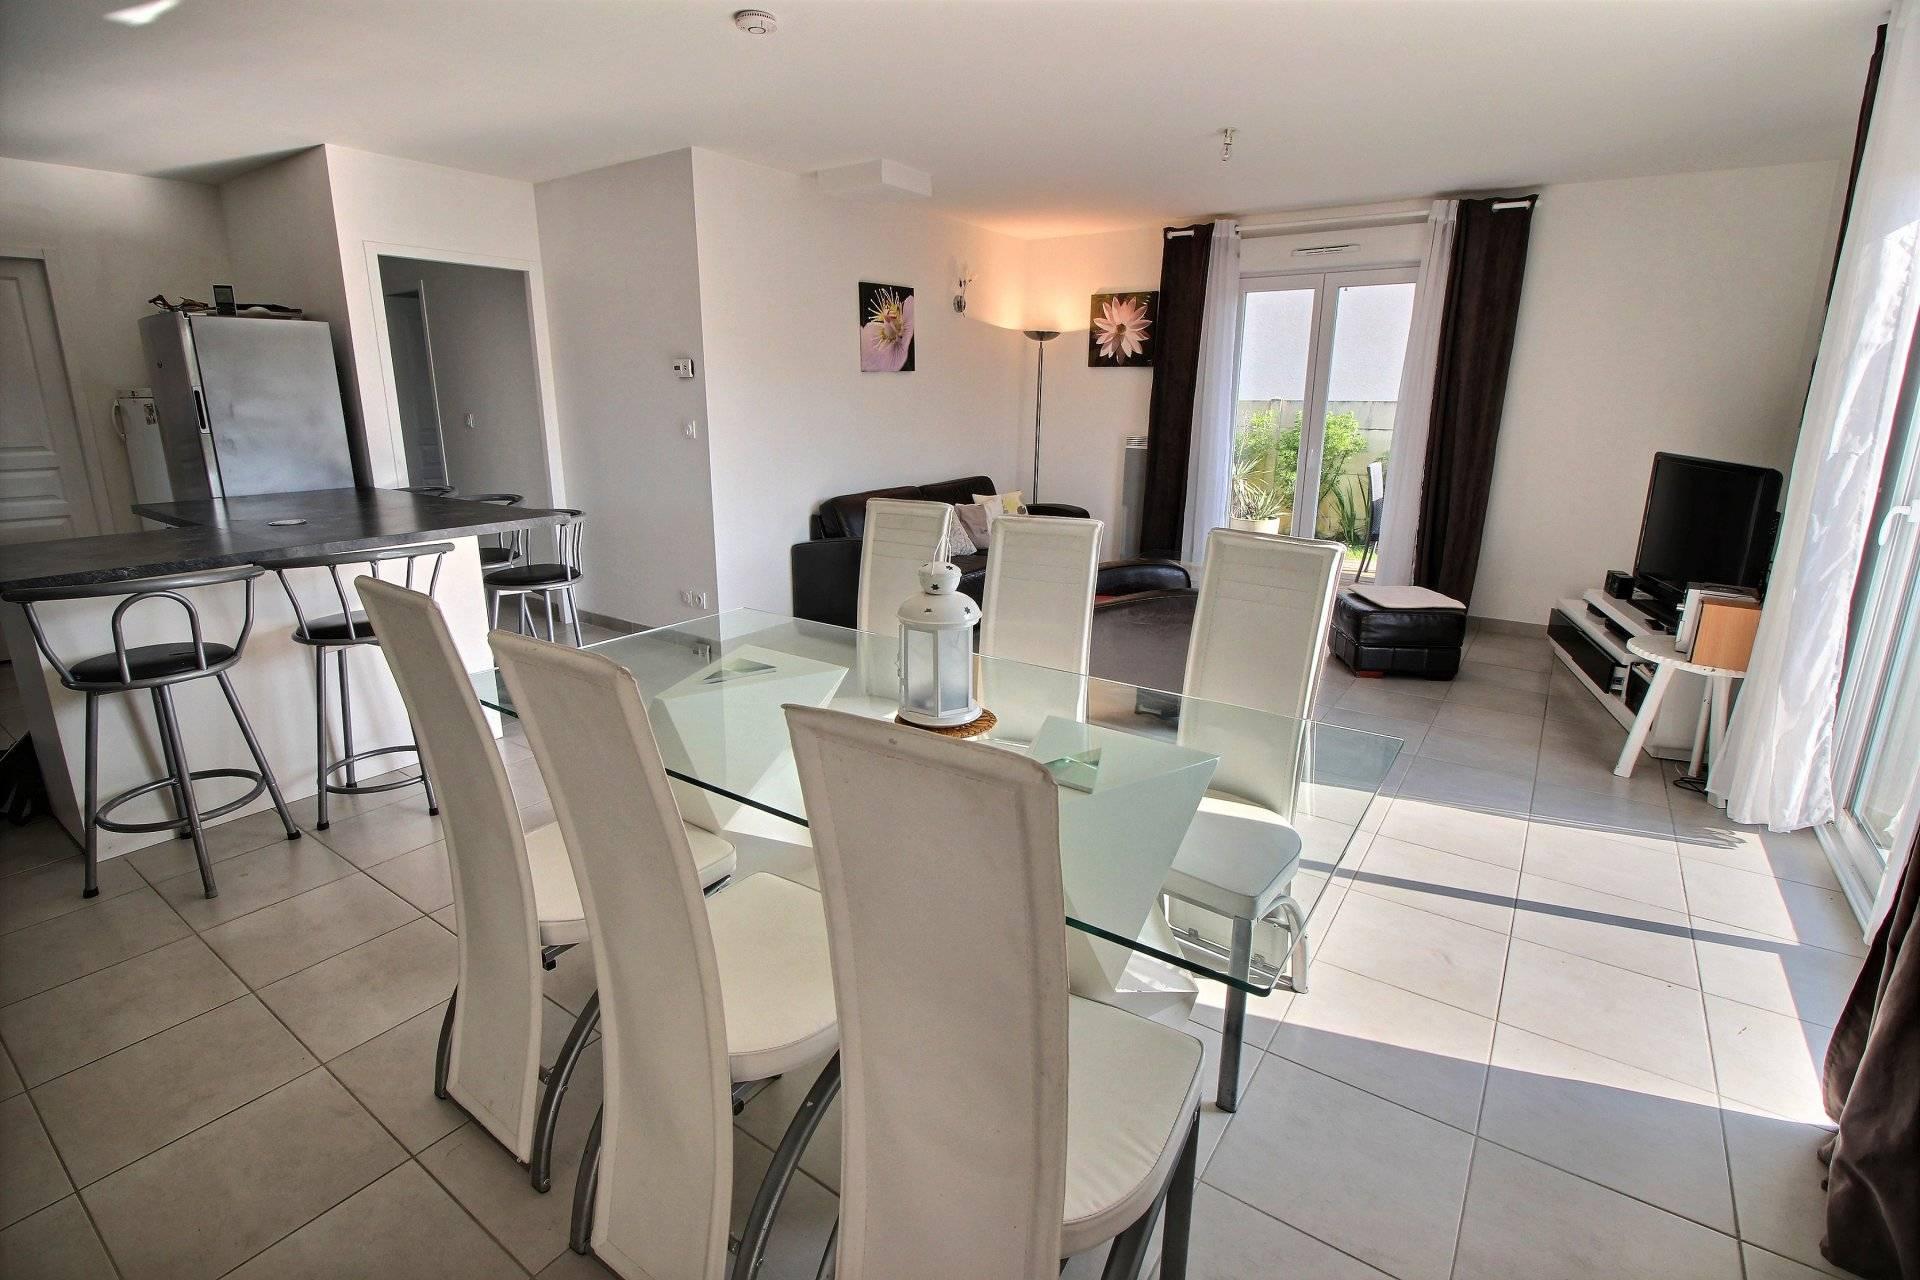 Maison contemporaine de plain pied 3 chambres a vendre GUJAN MESTRAS - Coldwell Banker